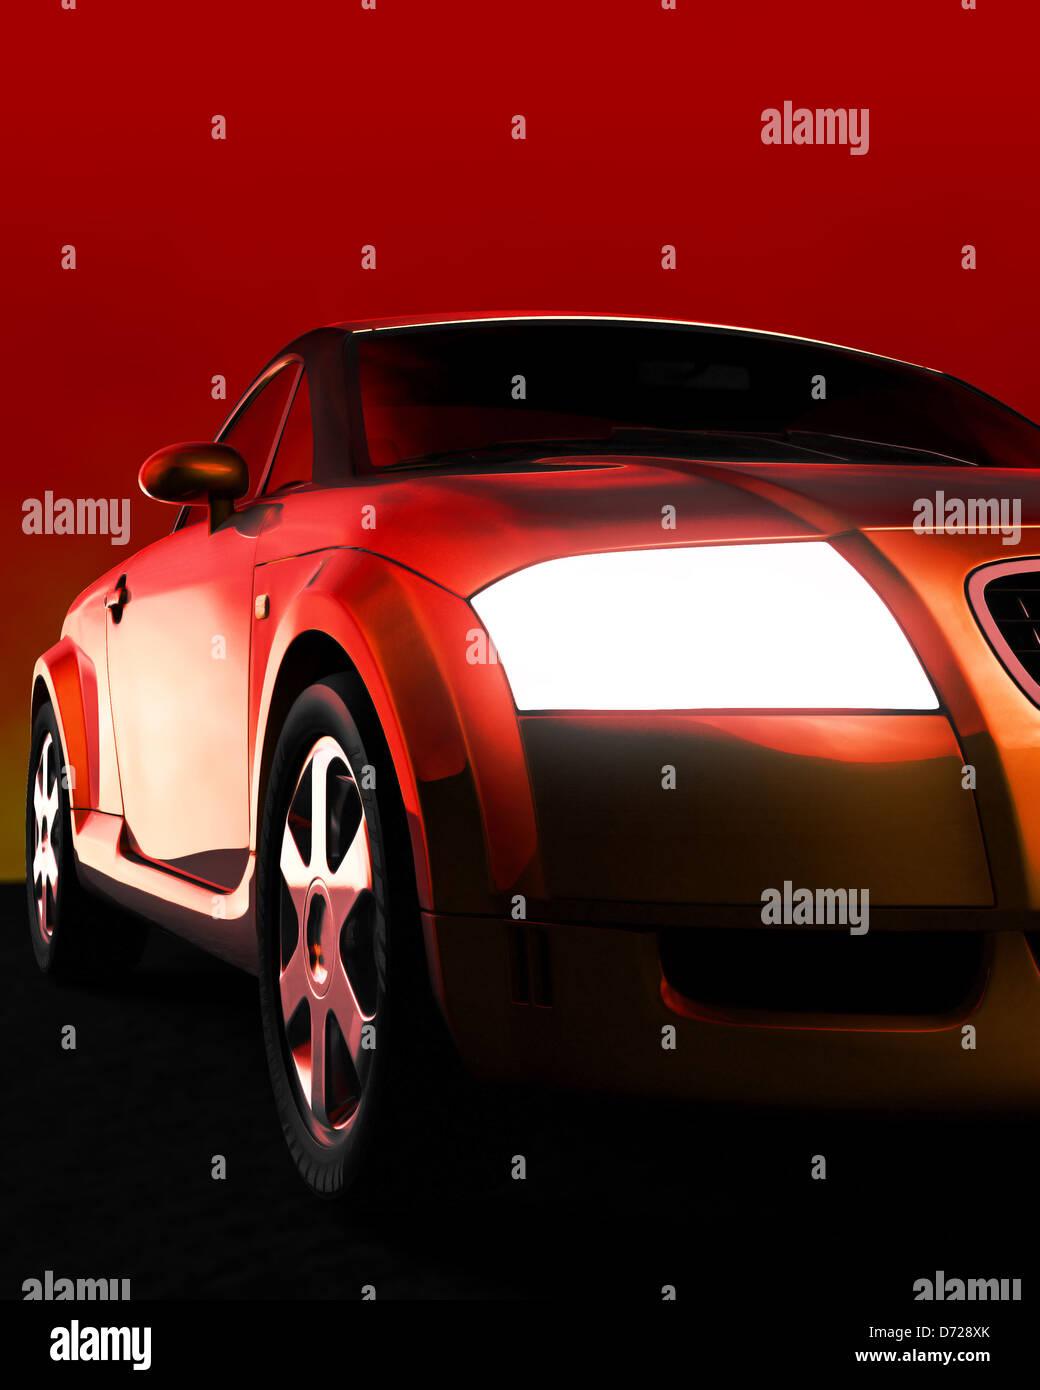 Auto Bild Stockbild